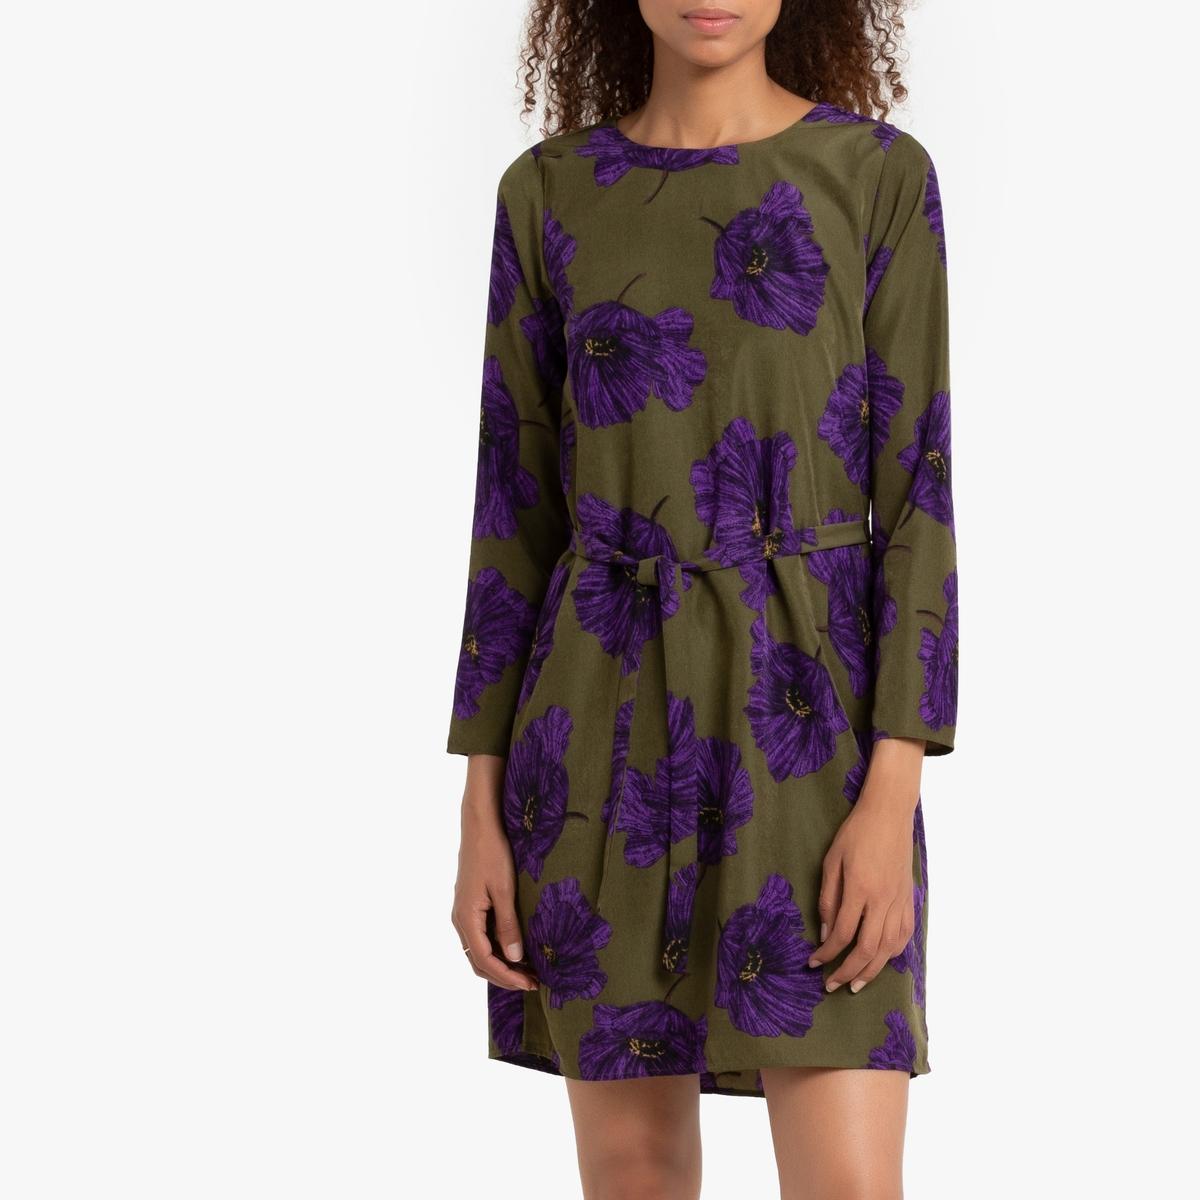 цена Платье La Redoute Короткое расклешенное с цветочным рисунком и ремешком L зеленый онлайн в 2017 году